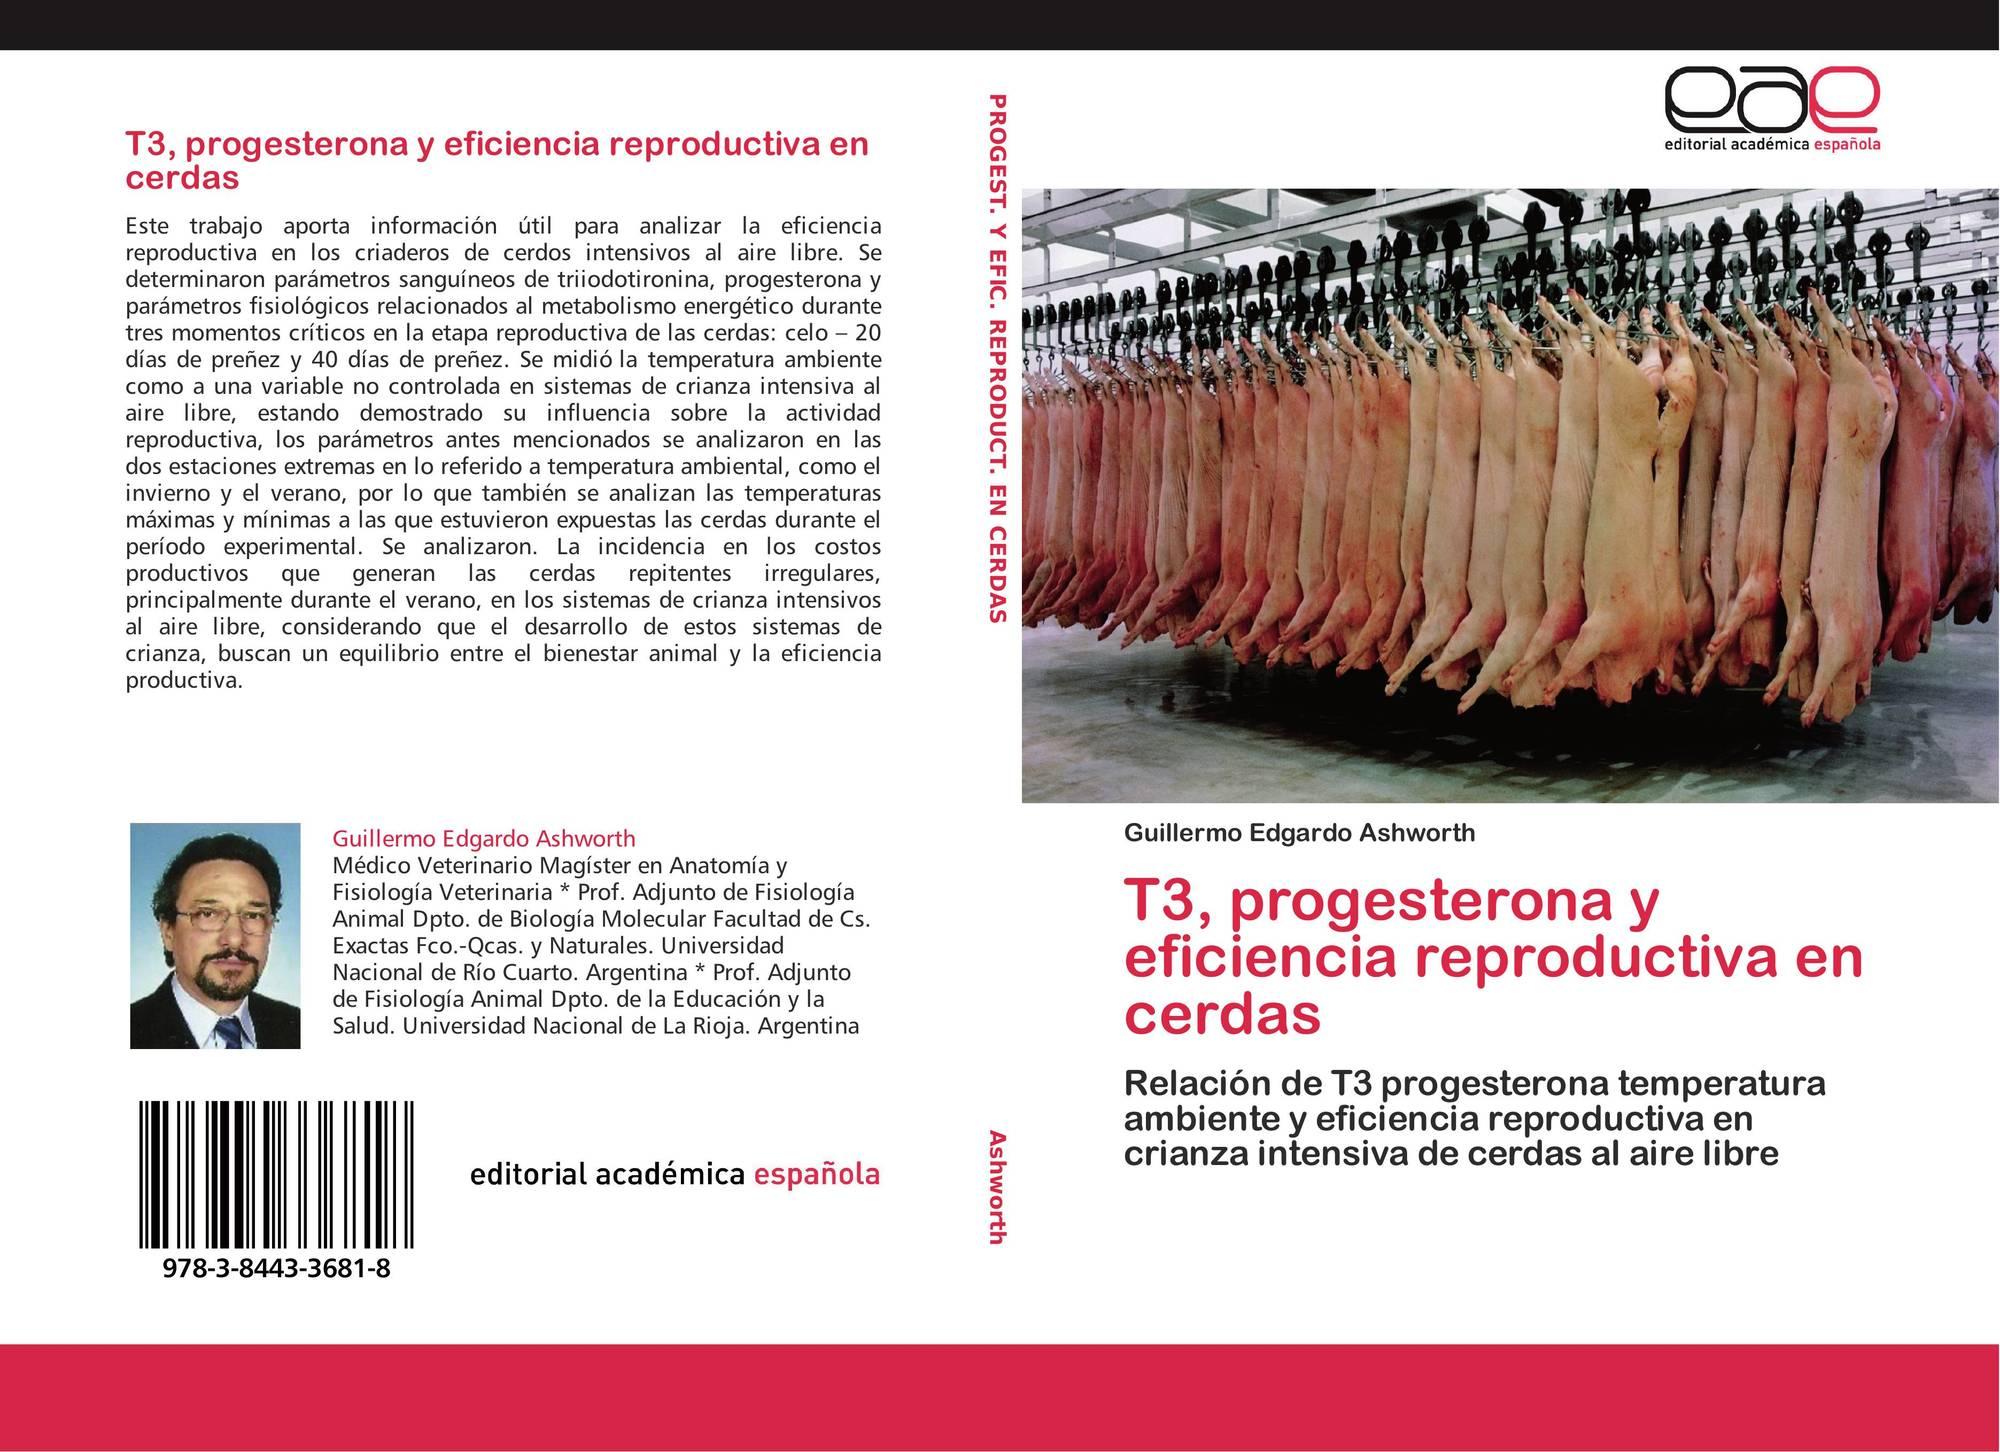 Editorial Académica Española - 32101 Produkte | Seite 3179 |